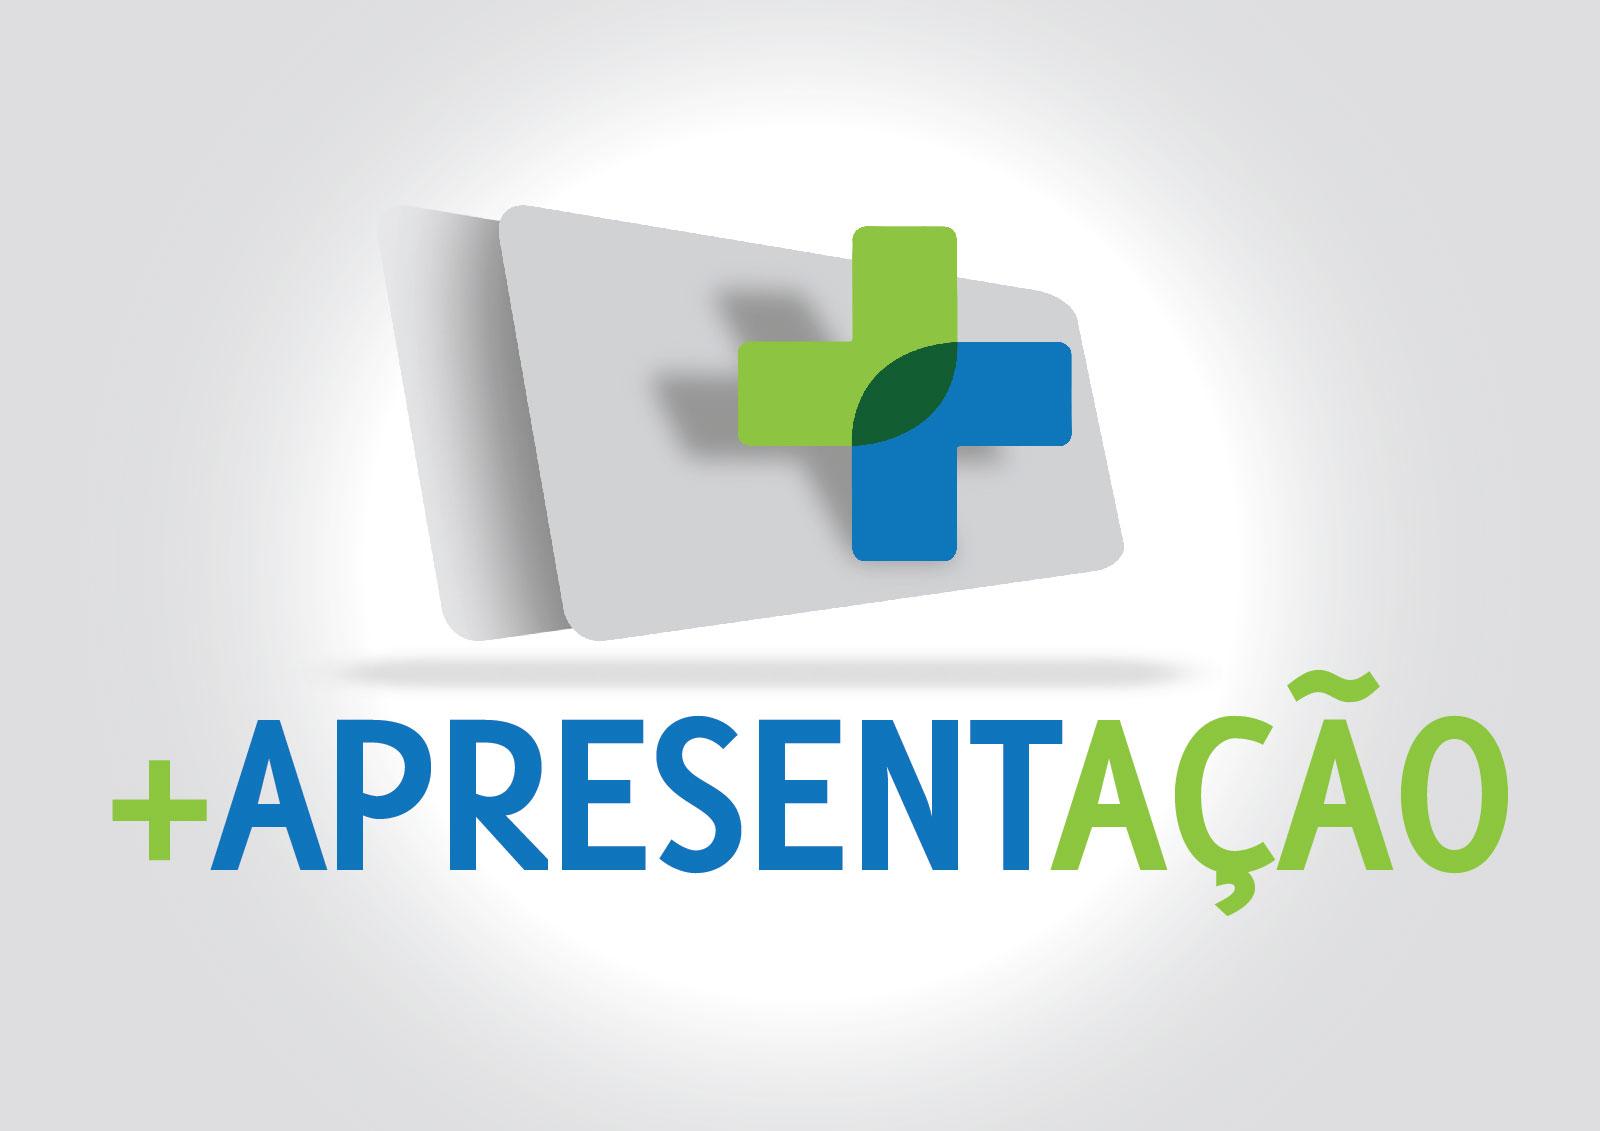 Criamos apresentações de alto impacto visual que potencializam produtos, serviços, negócios e ideias.